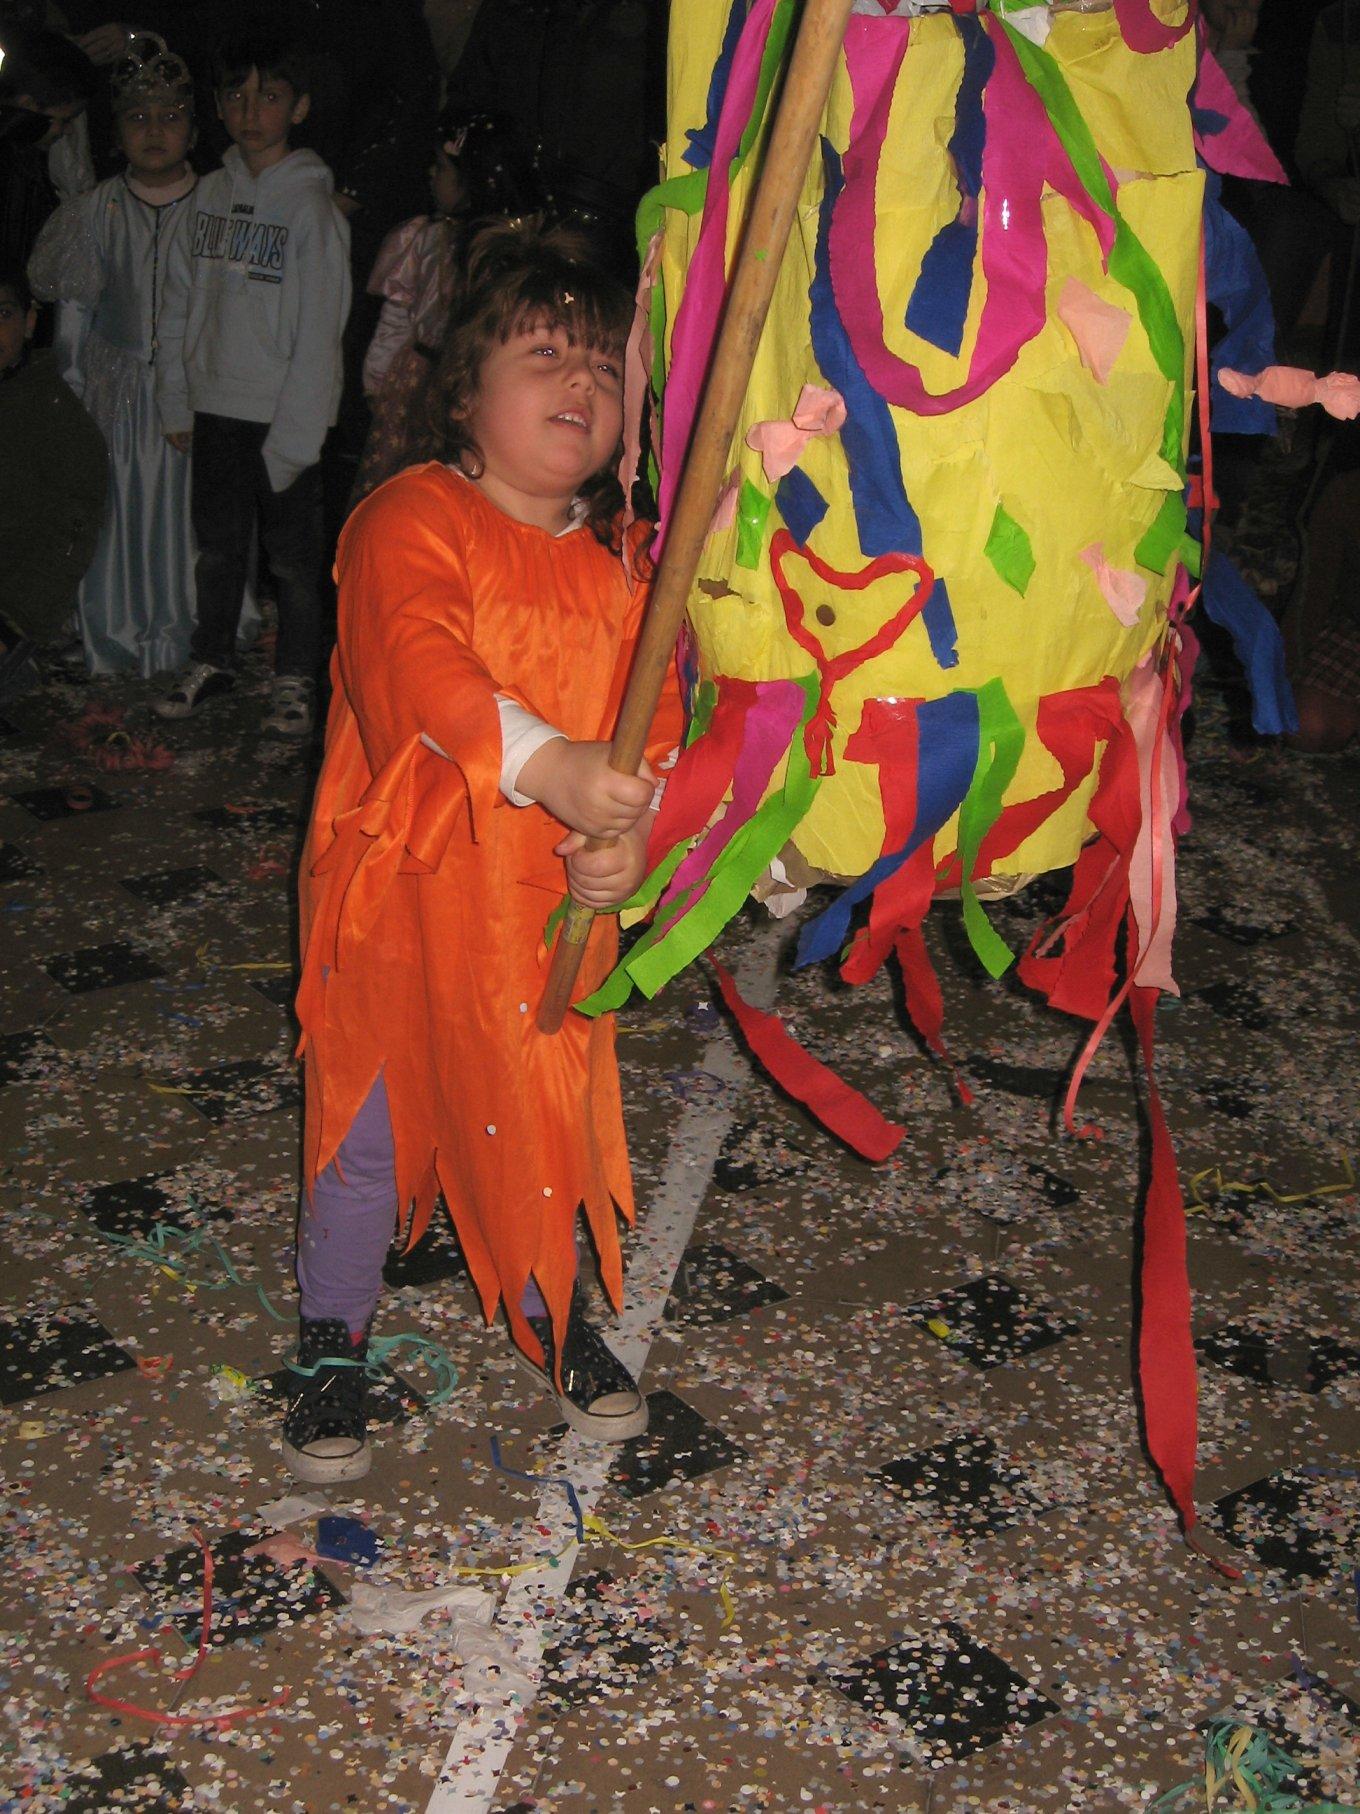 Pentolaccia-2009-02-22--17.25.30.jpg